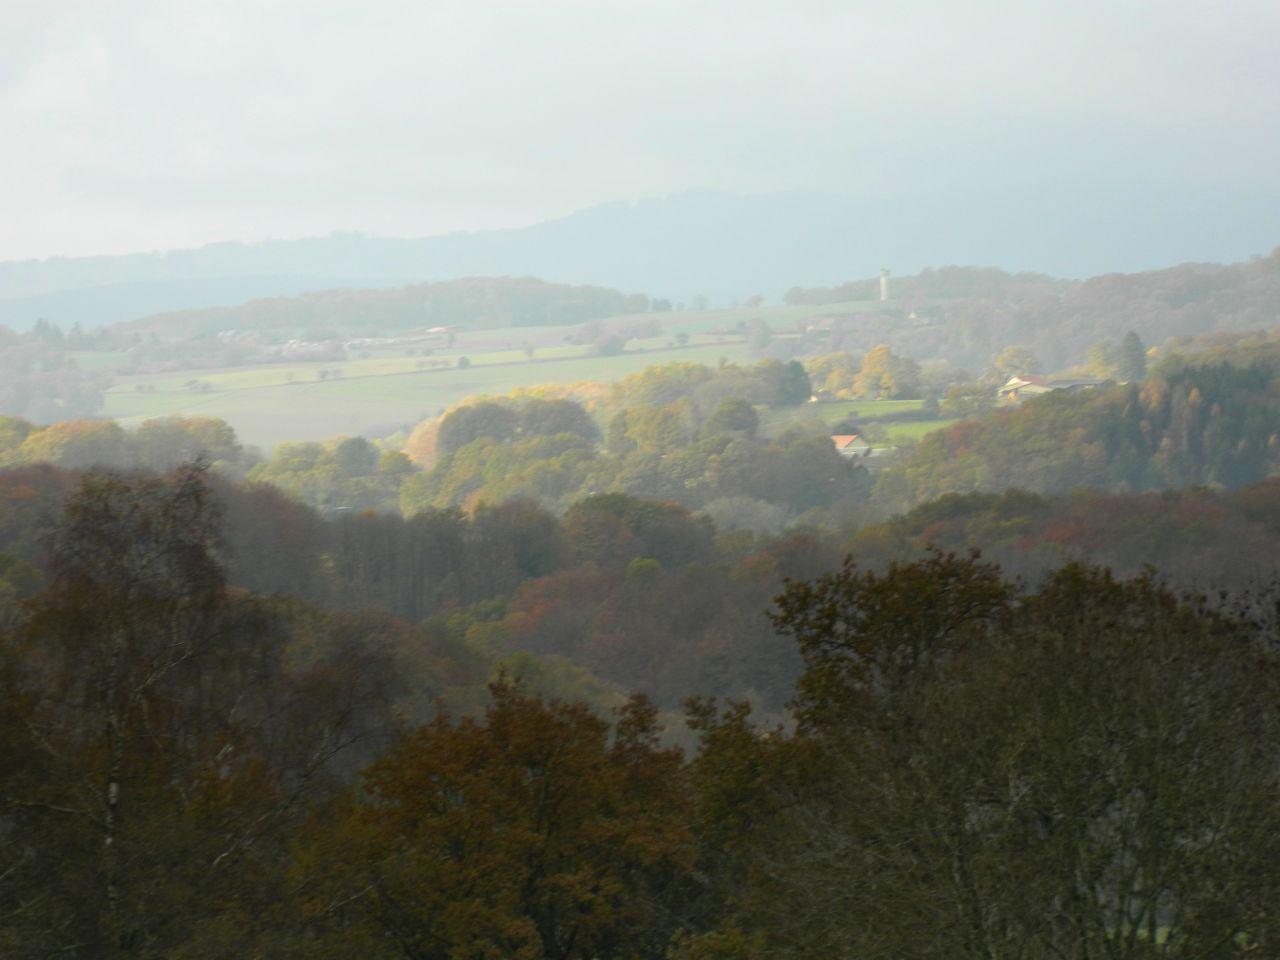 La campagne creusoise en automne, mais également la vue qui sera notre depuis le salon